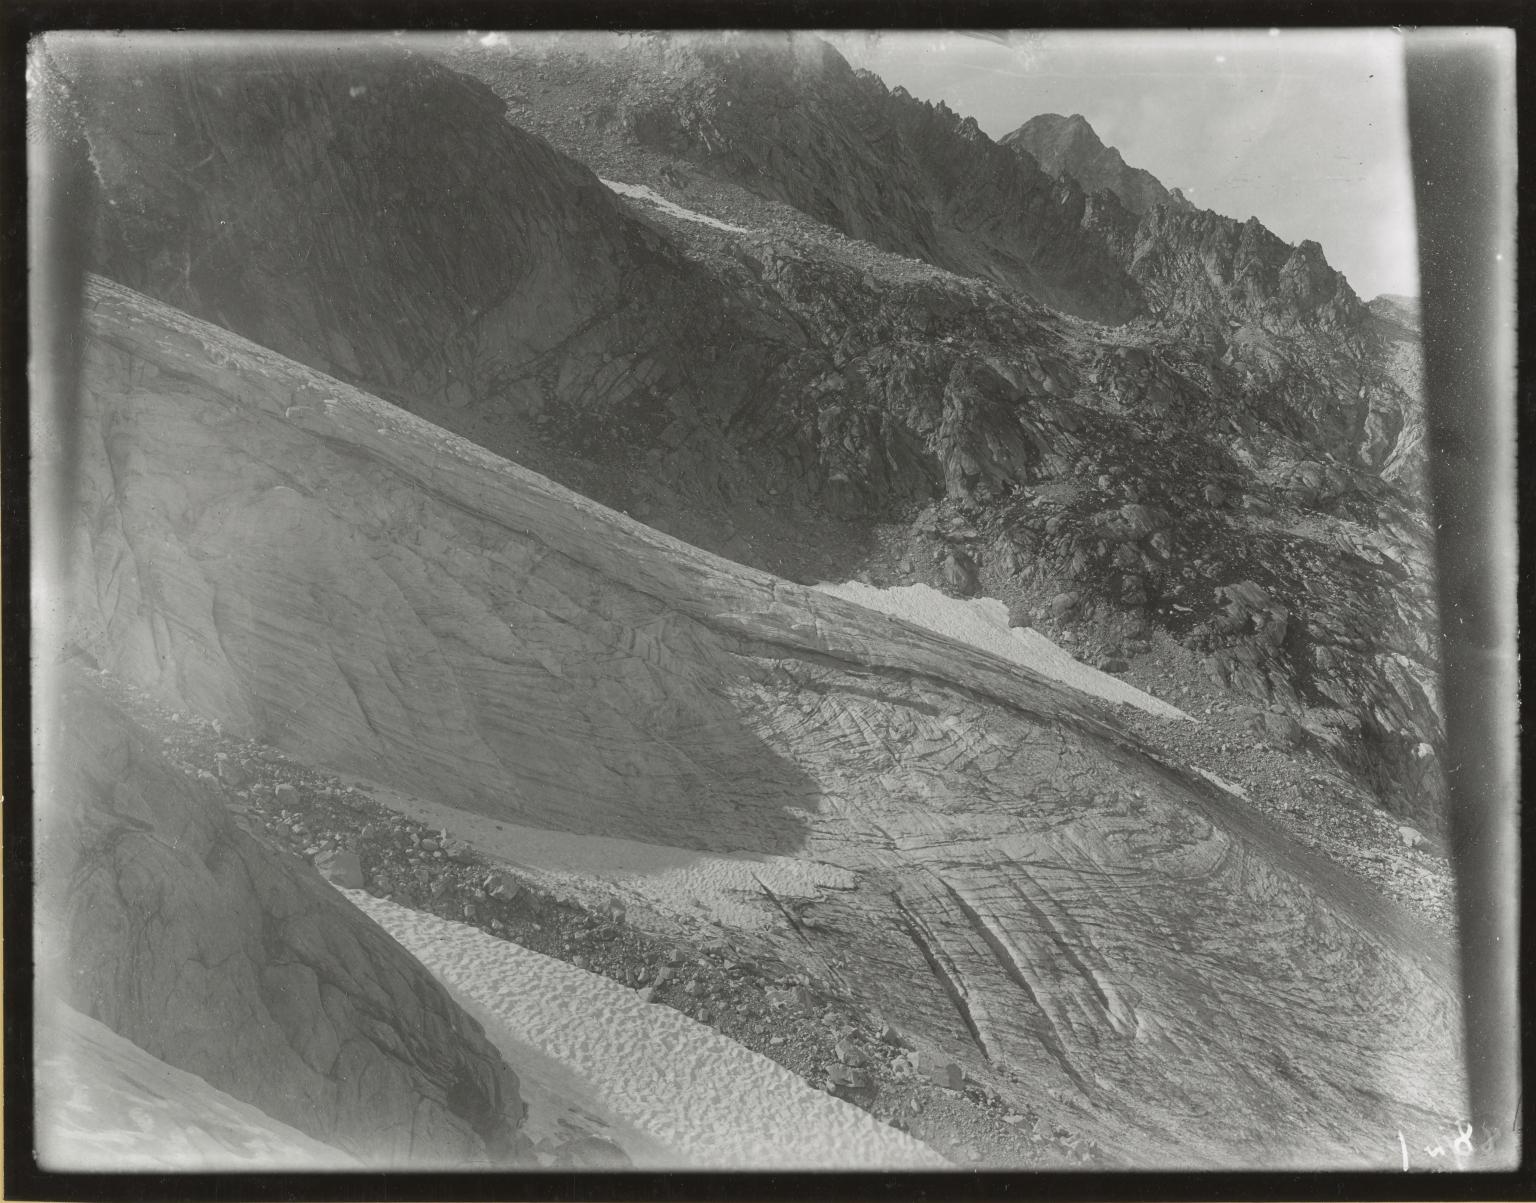 Glacier on Monte Cantone, Italy